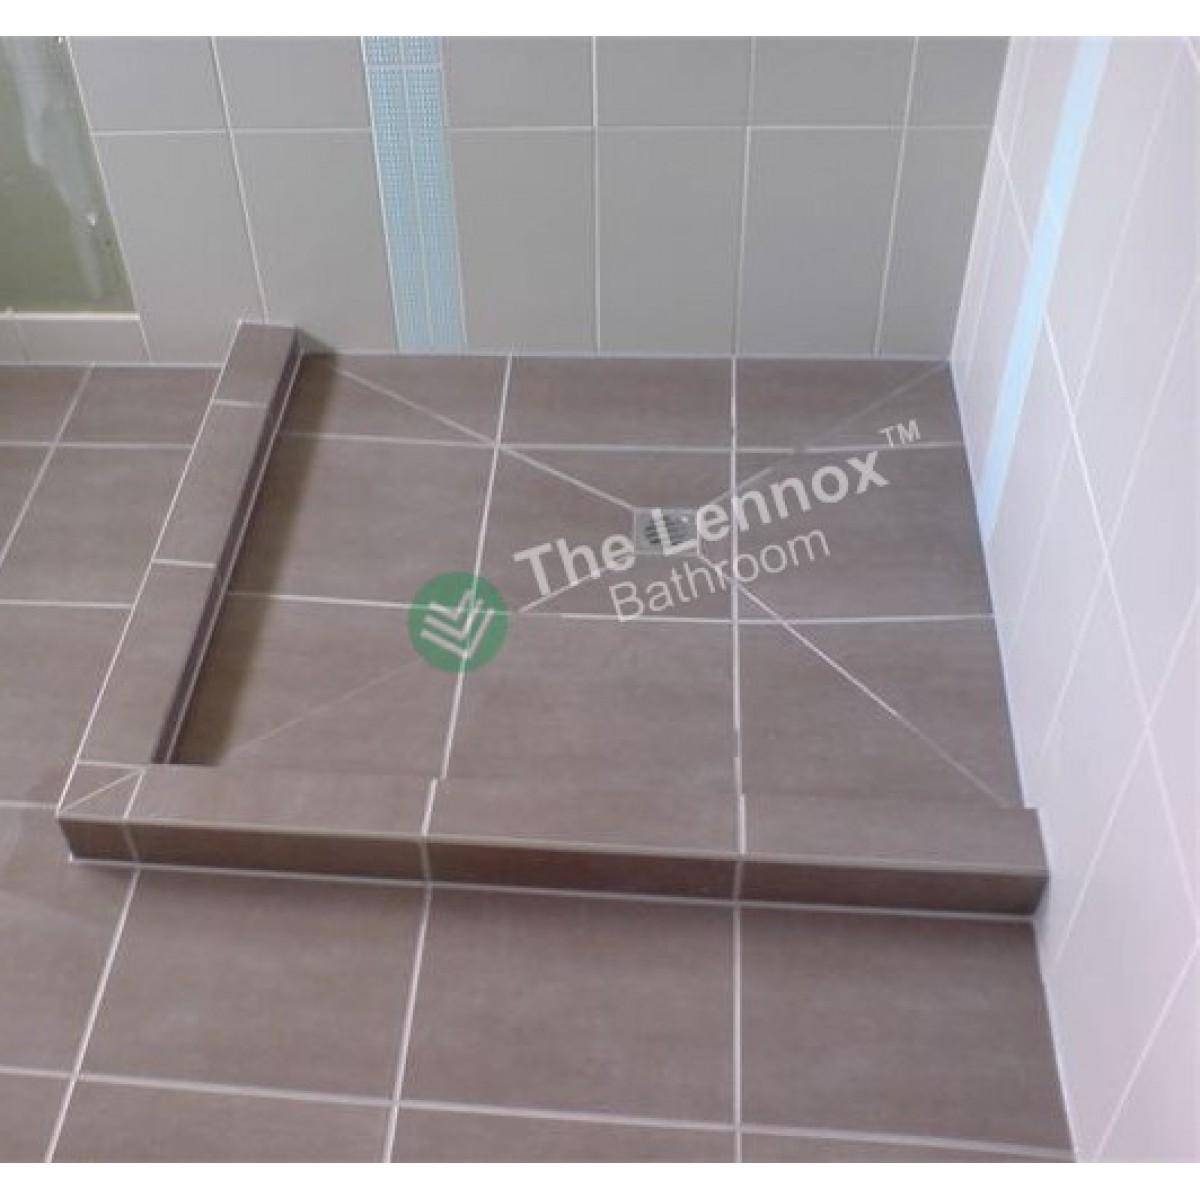 Styrofoam Shower Pans For Tile 100 Bathroom Tile Refinishing Houston Bathtub Refinishing C